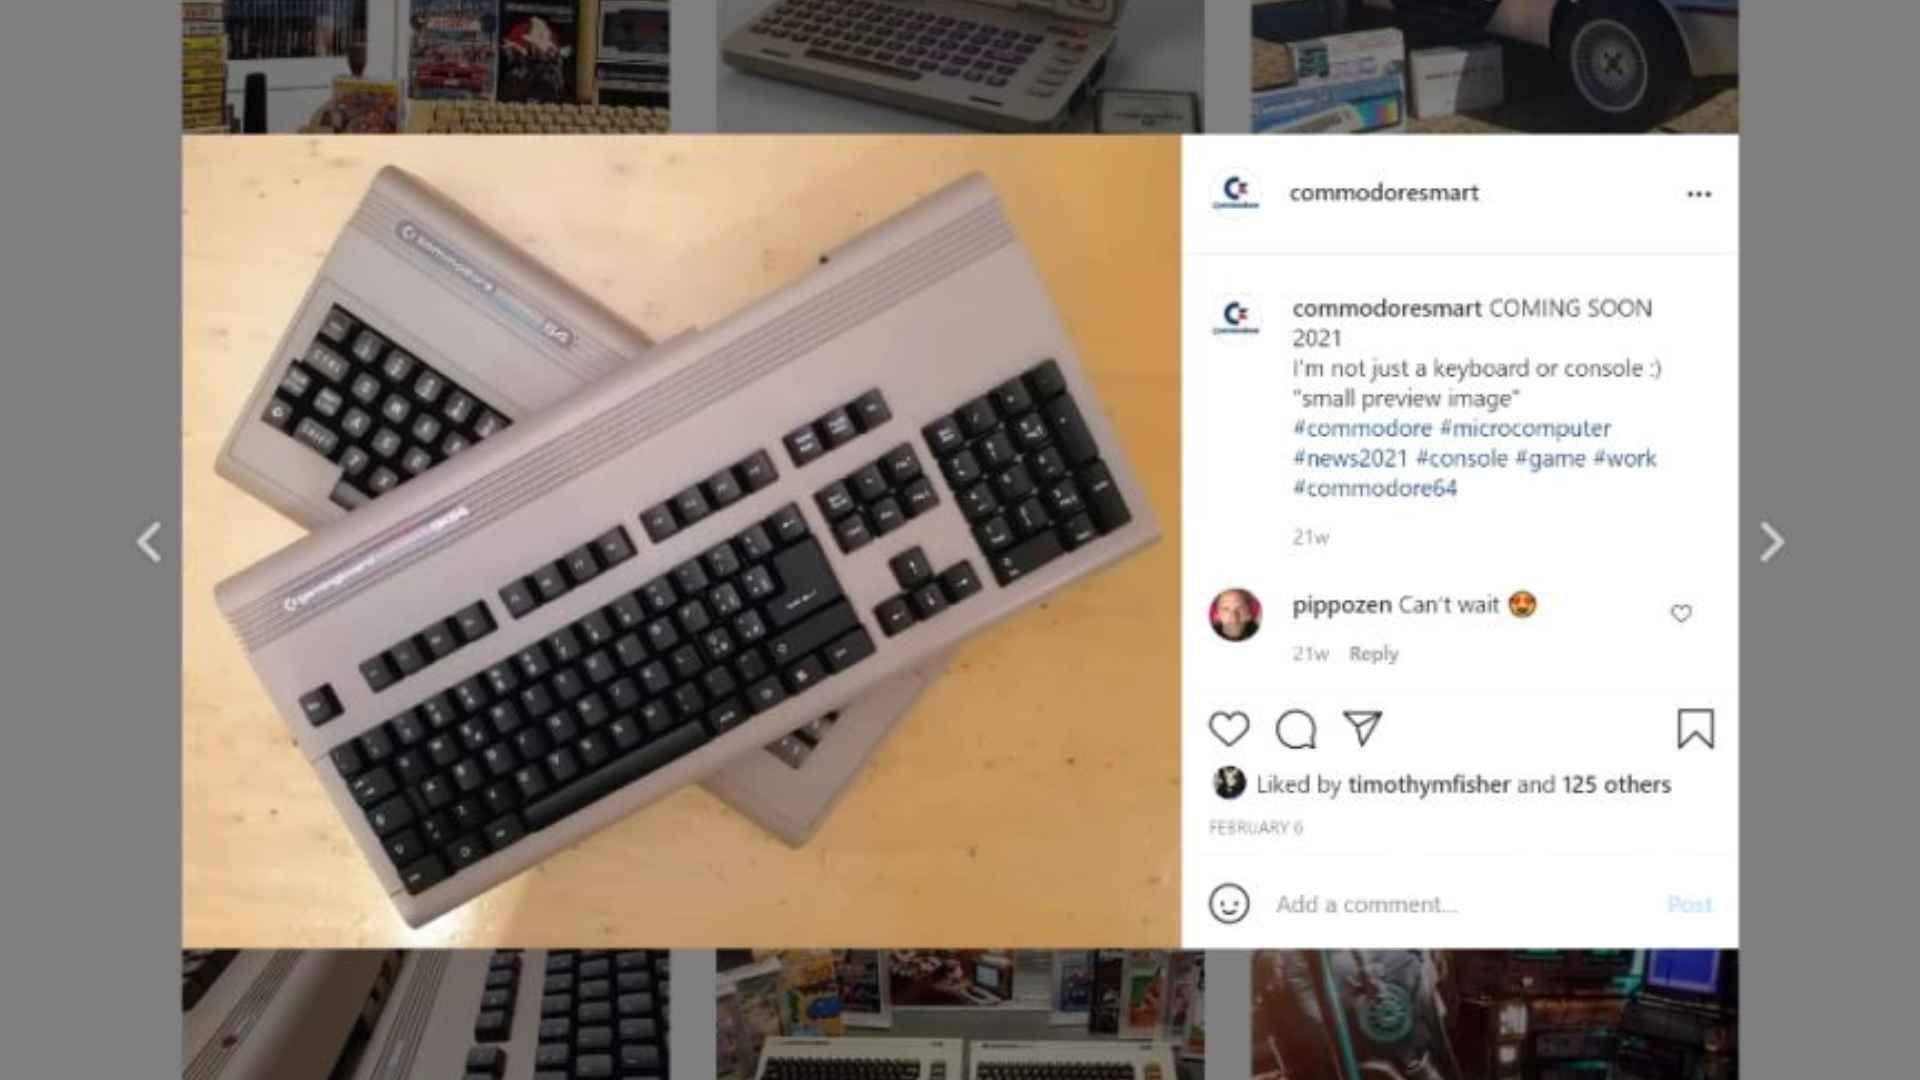 The Commodore GK64 Computer